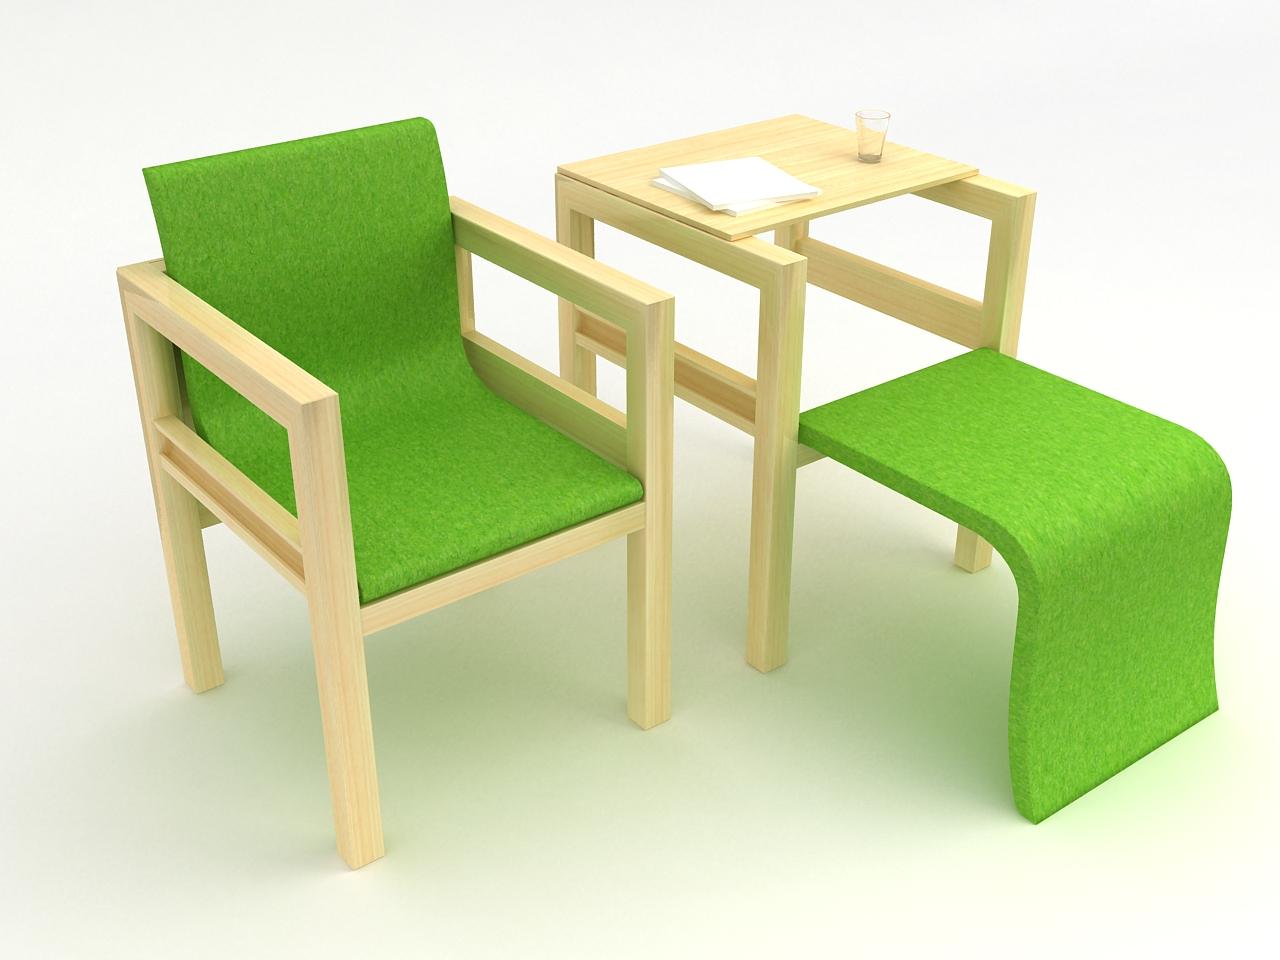 拉罐手工制作图片椅子